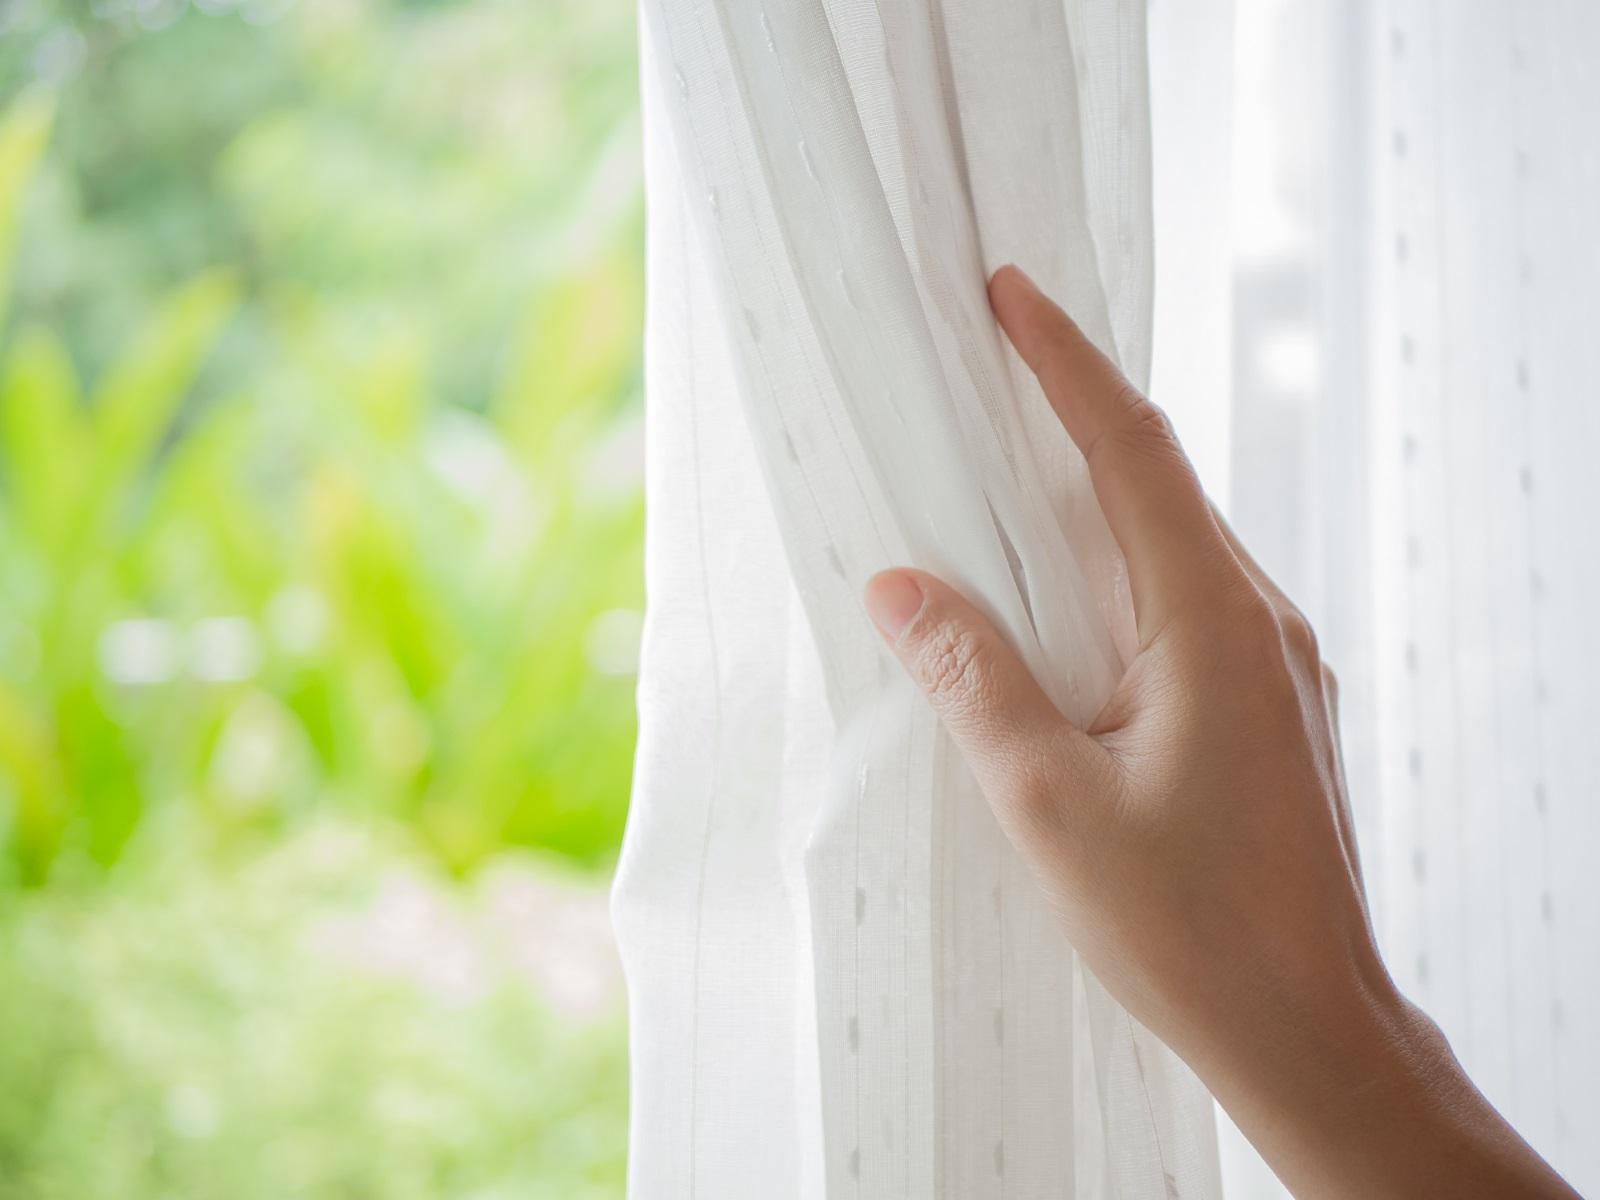 2. Прозорците - Чистят се не по-често от 1-2 пъти в година. В противен случай се появяват резки и мъх. Освентова, повечето препарати не са полезни за белите дробове. За много мръсни прозорци използвайте по-мощен препарат, гумена ролка и сапунена вода от външната им страна – почистването по този начин намалява нуждата оттретиране скоро след това, защото петнатаотвън обикновено карат прозорците да изглеждат мръсниотвътре.